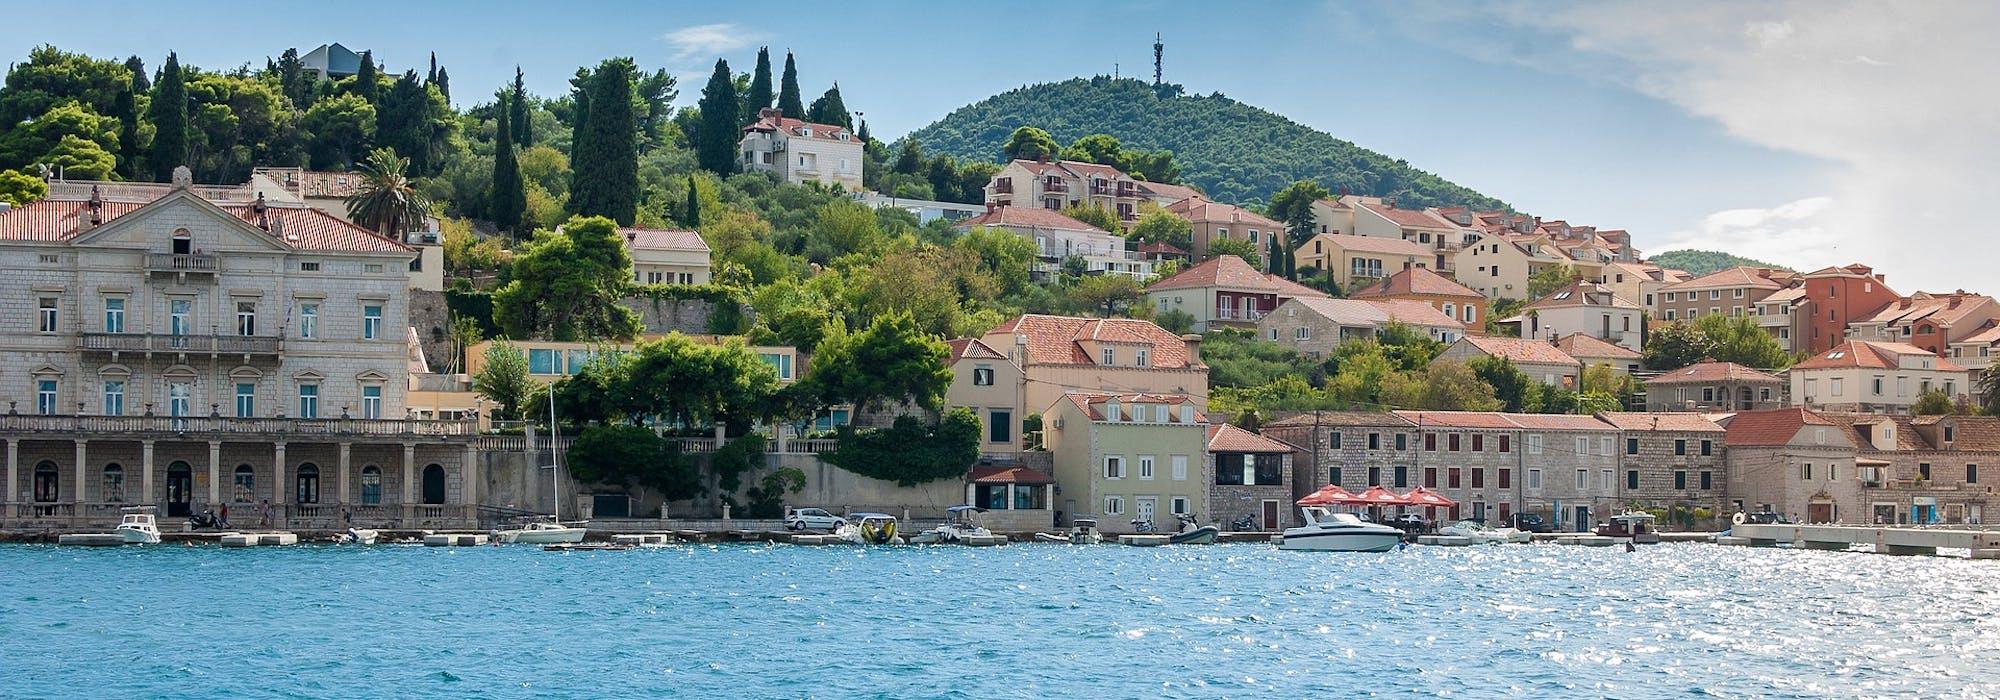 Dubrovnik i Kroatien med ljusblått vatten och färgglada byggnader.